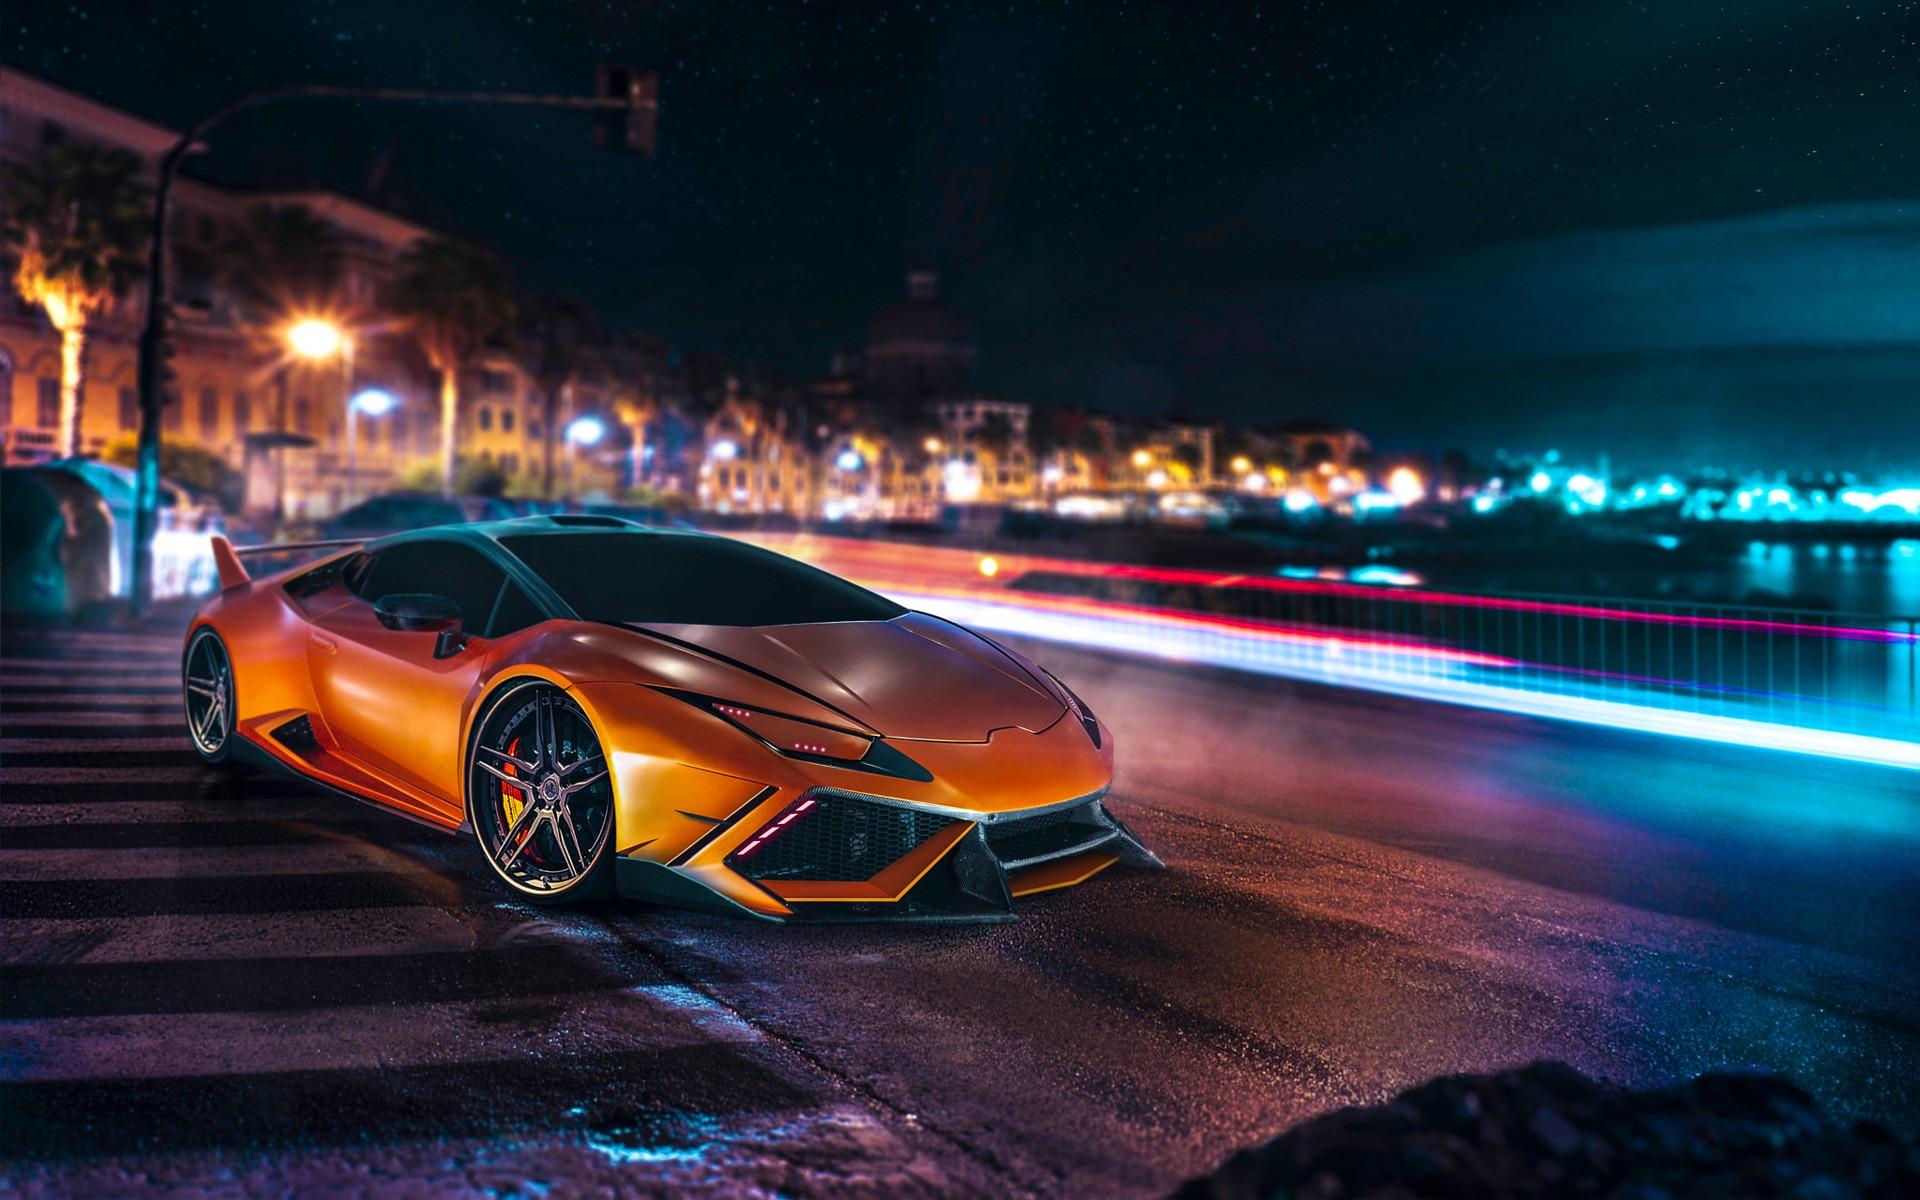 Sports Car Wallpaper Lamborghini 3d Lamborghini Huracan Car Lamborghini Orange Long